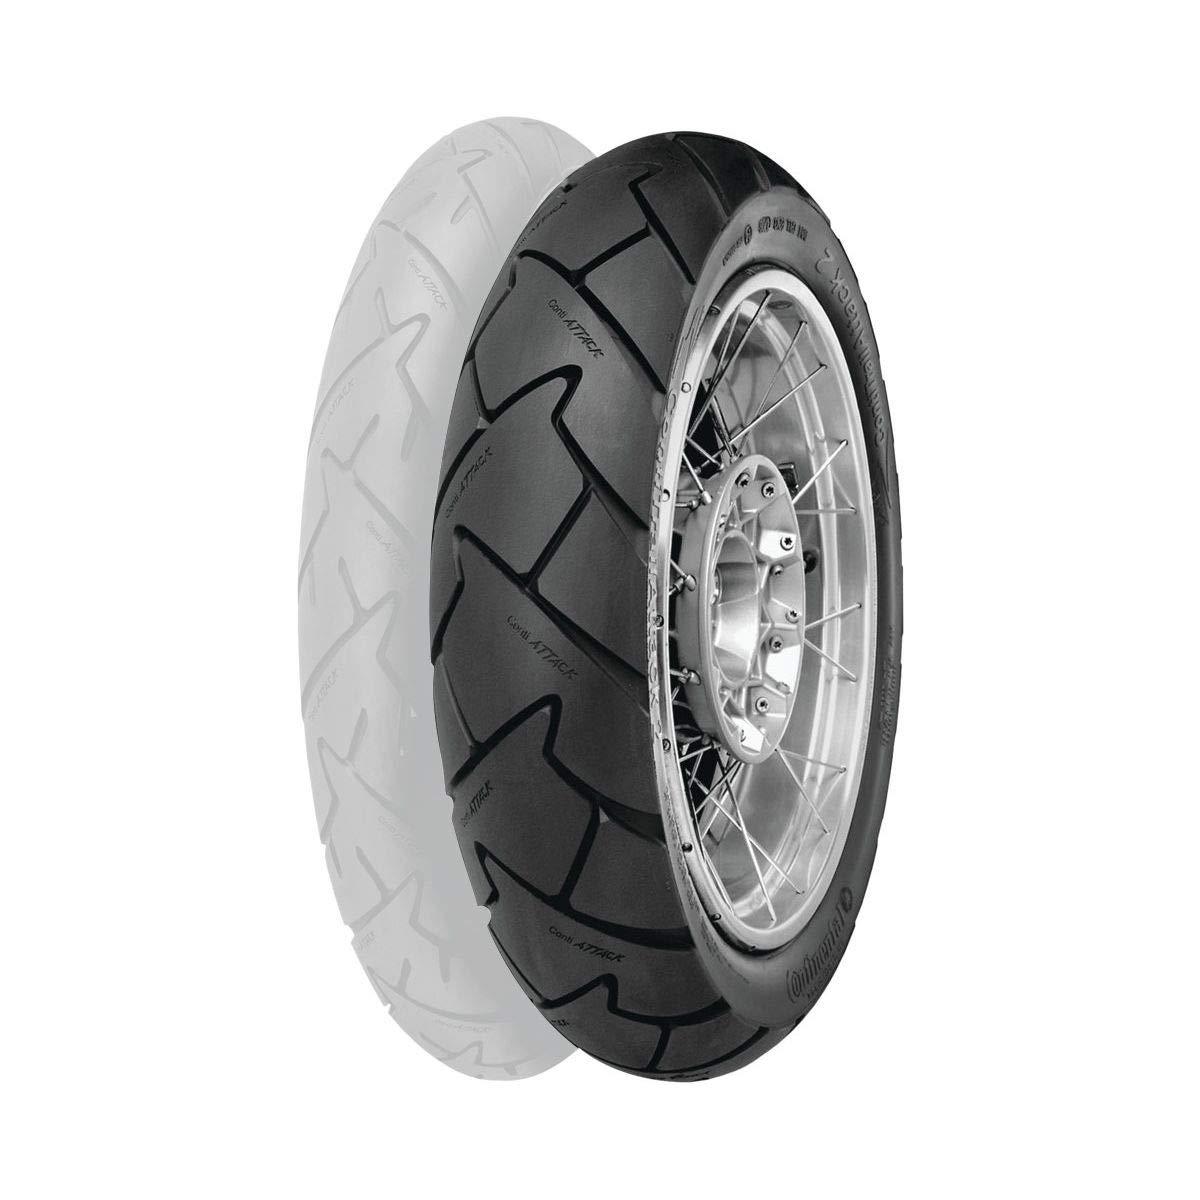 190//55ZR17 Continental Trail Attack 2 Rear Tire